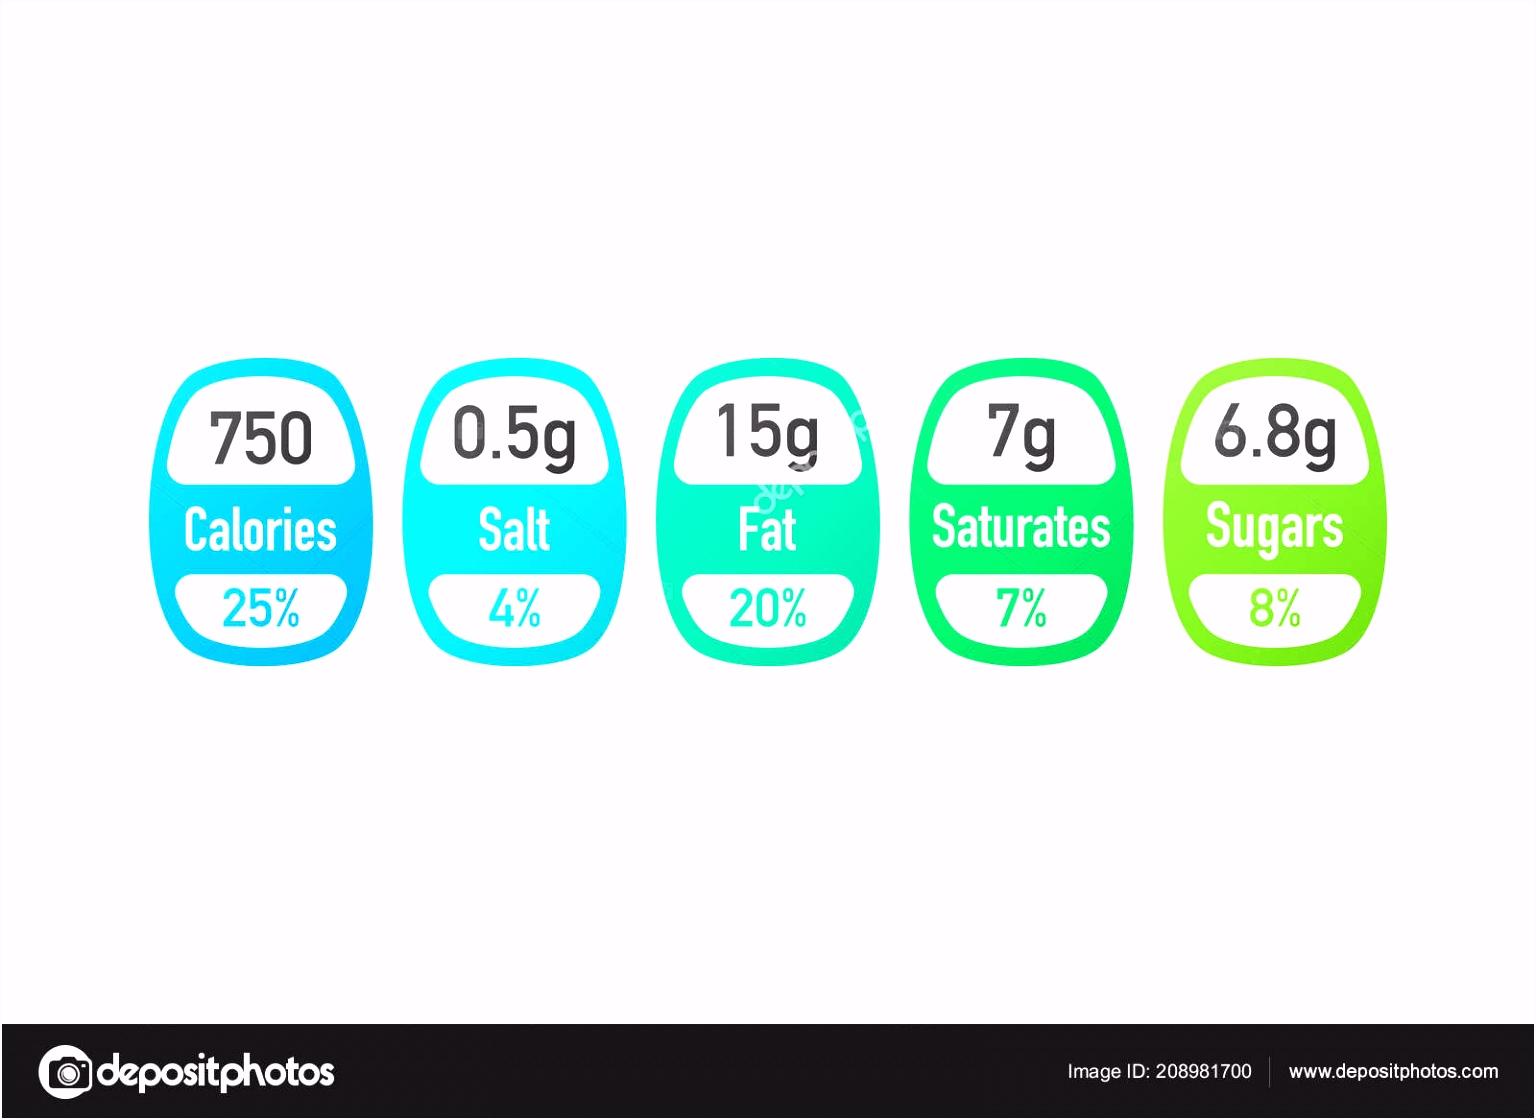 Nährwerte Vektor Paket Etiketten mit Kalorien und Zutat